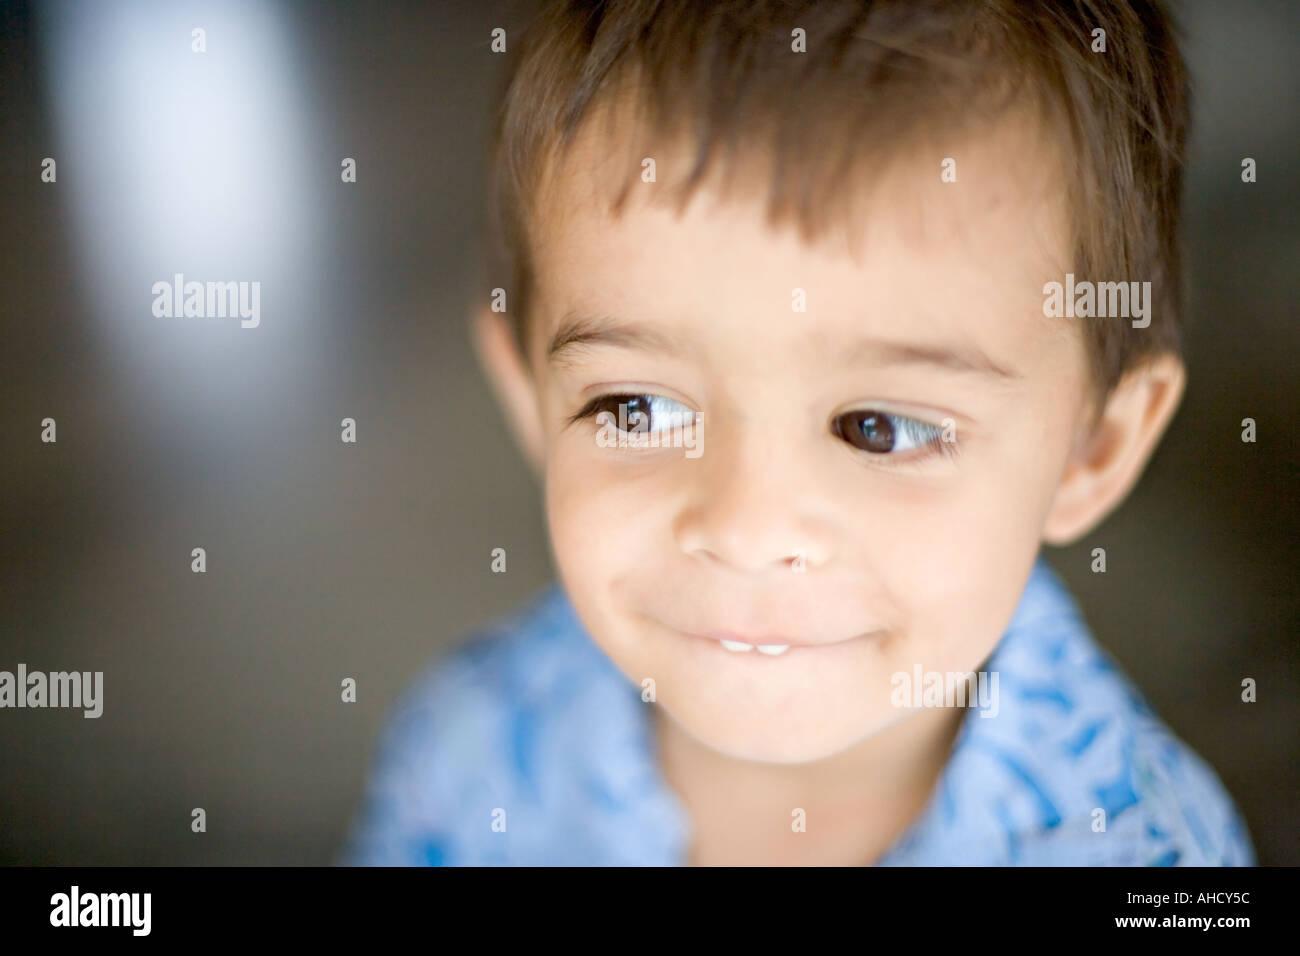 Regarde en bas de l'appareil photo sur un mignon petit garçon aux cheveux bruns et un sourire espiègle Photo Stock